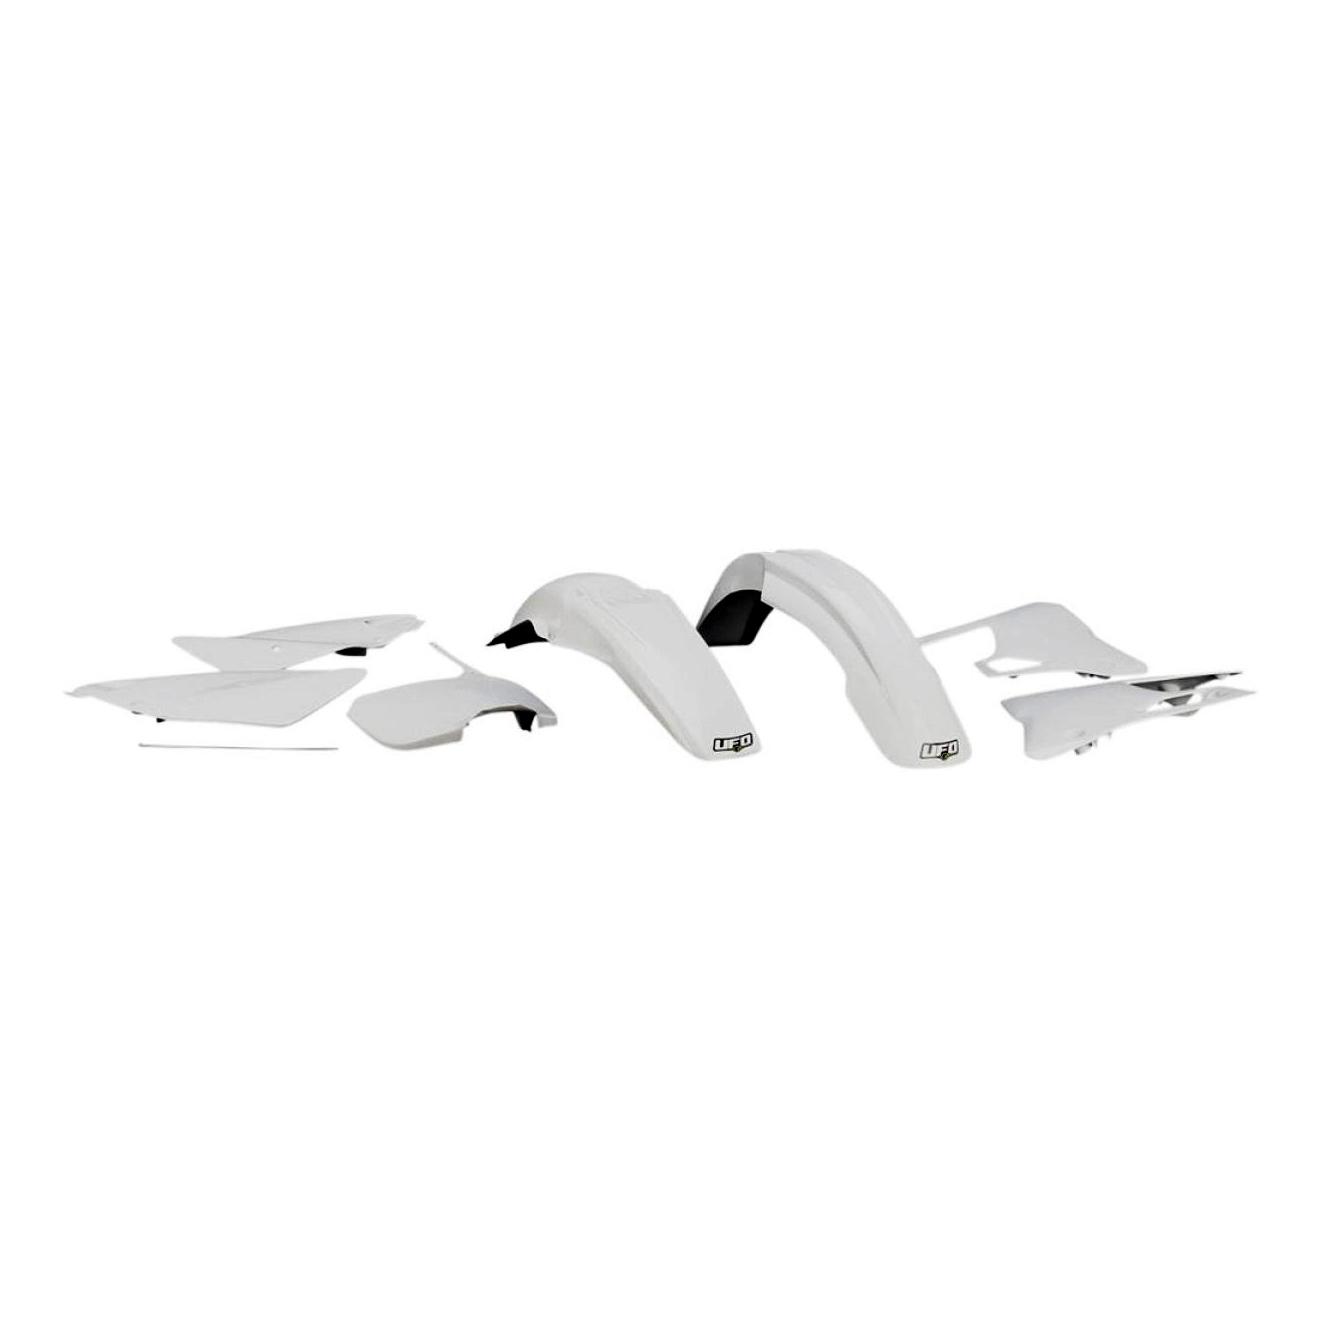 Kit plastique UFO Yamaha 125 YZ 00-01 blanc